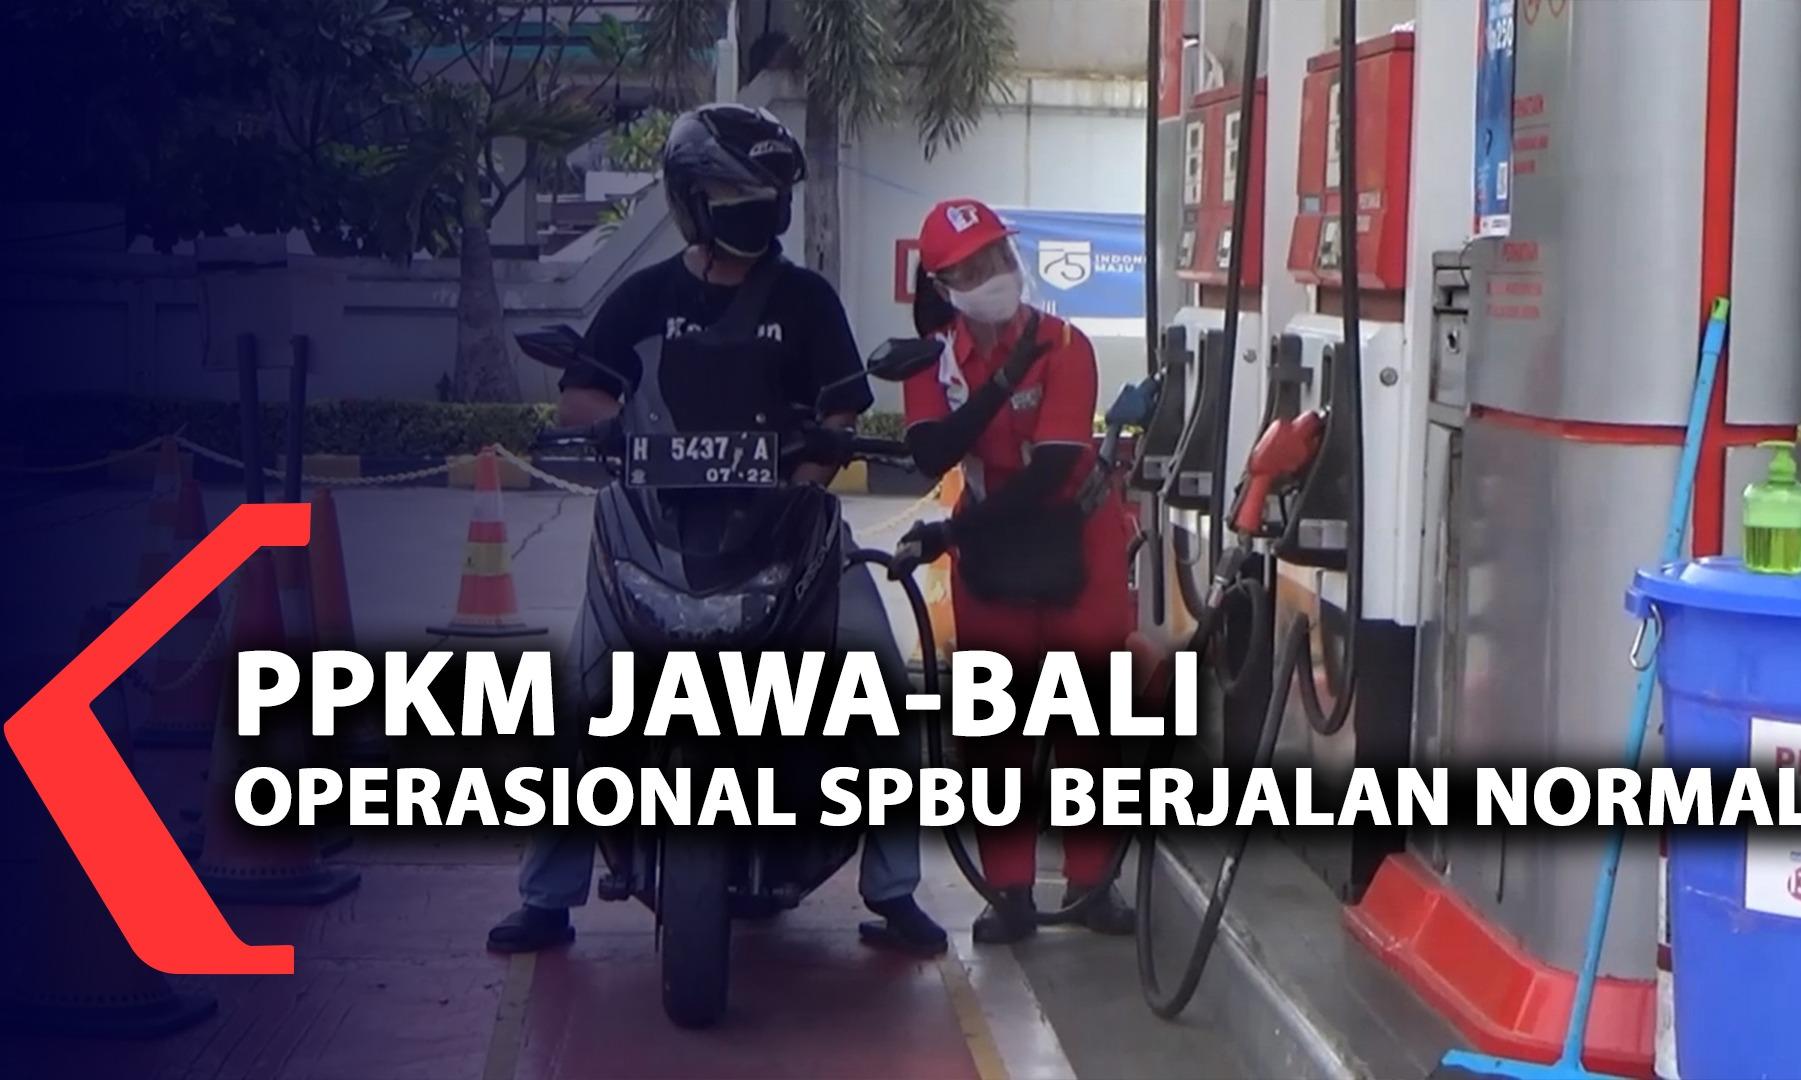 ppkm-jawa-bali-operasional-spbu-berjalan-normal